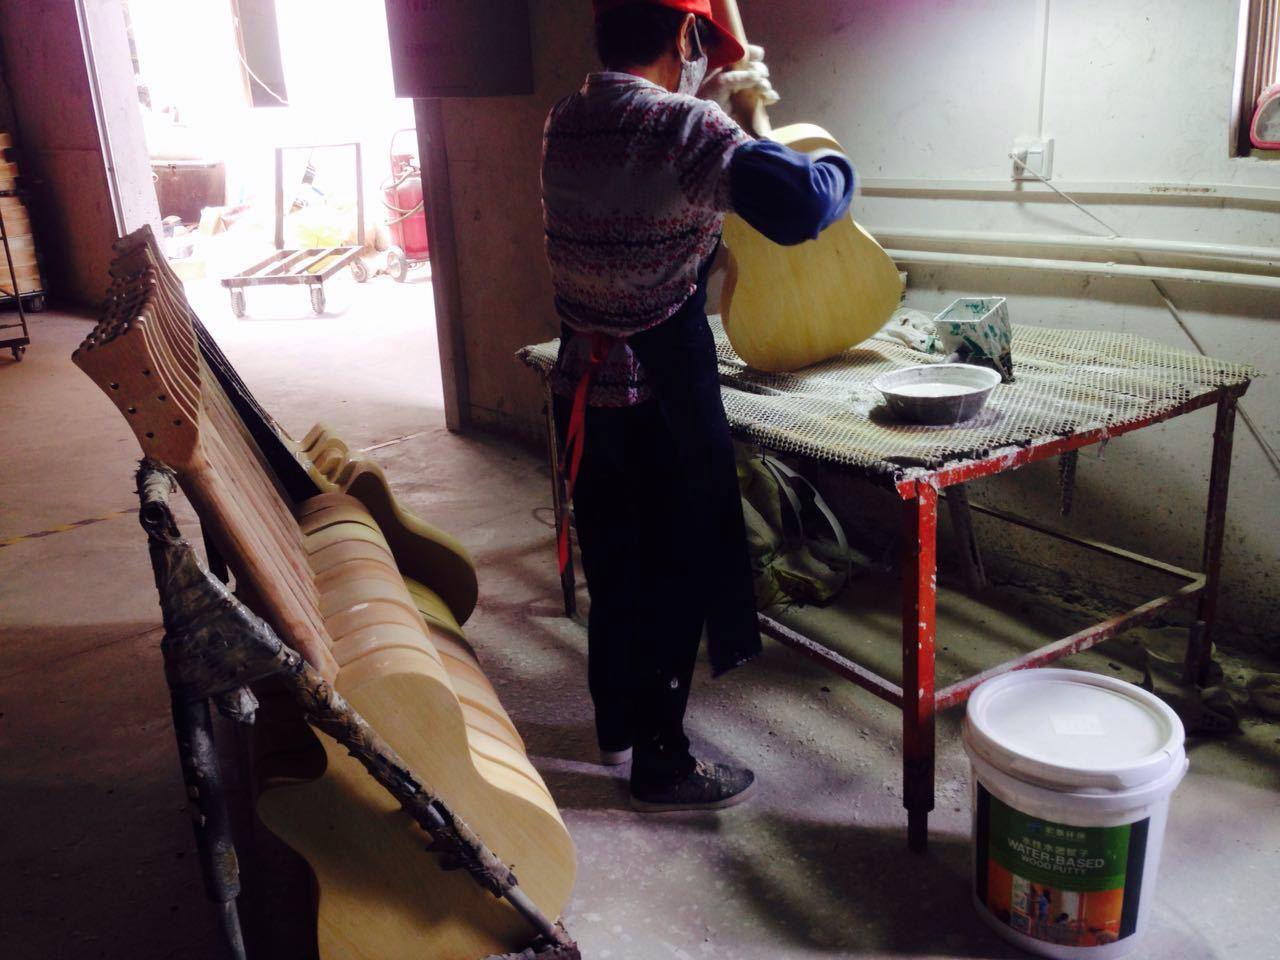 保障家具的长久使用,普及一下水性木器漆施工注意事项